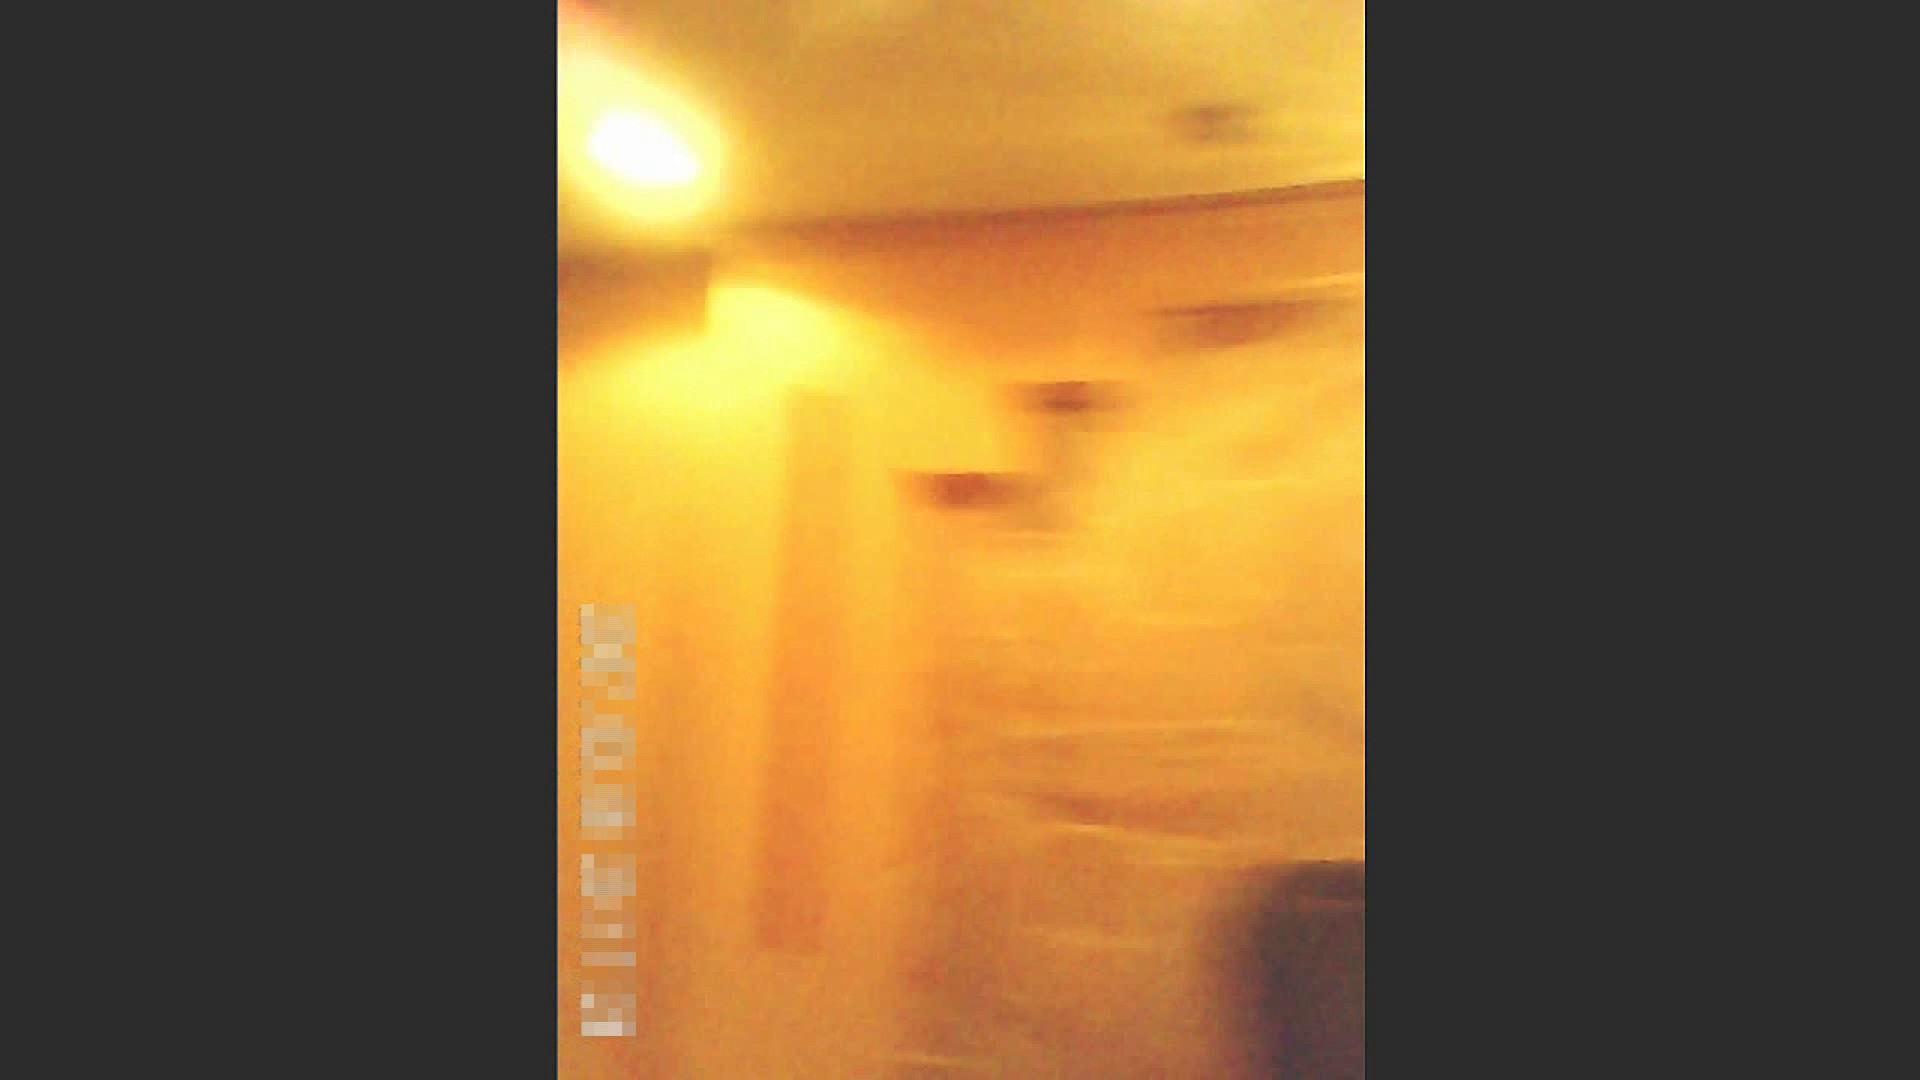 ▲復活限定D▲バトミントン部 みさこ  Vol.14 脱衣編 期間限定作品   美肌  49画像 8